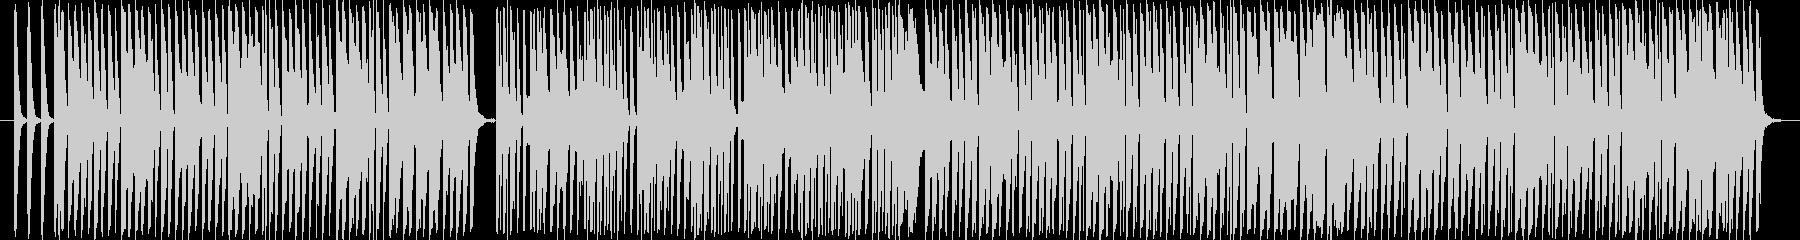 ピコピコリズム・バラエティ番組BGMの未再生の波形